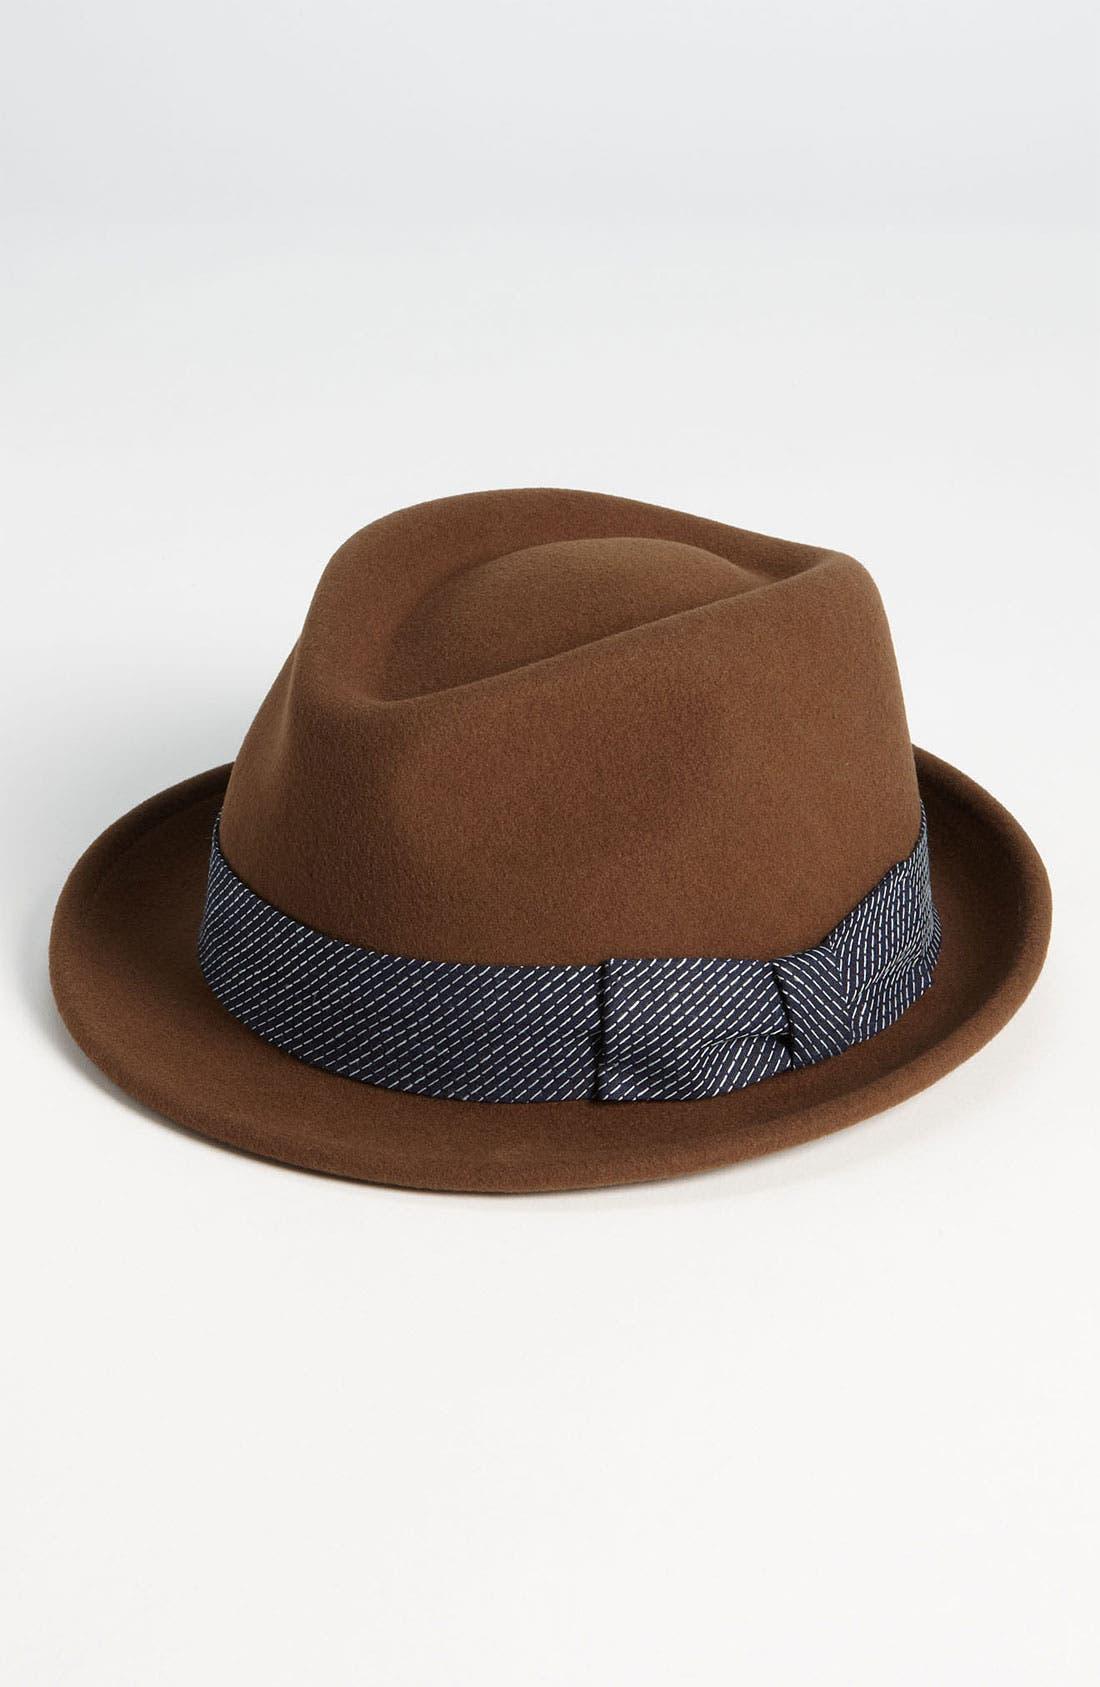 Alternate Image 1 Selected - rag & bone Wool Trilby Hat